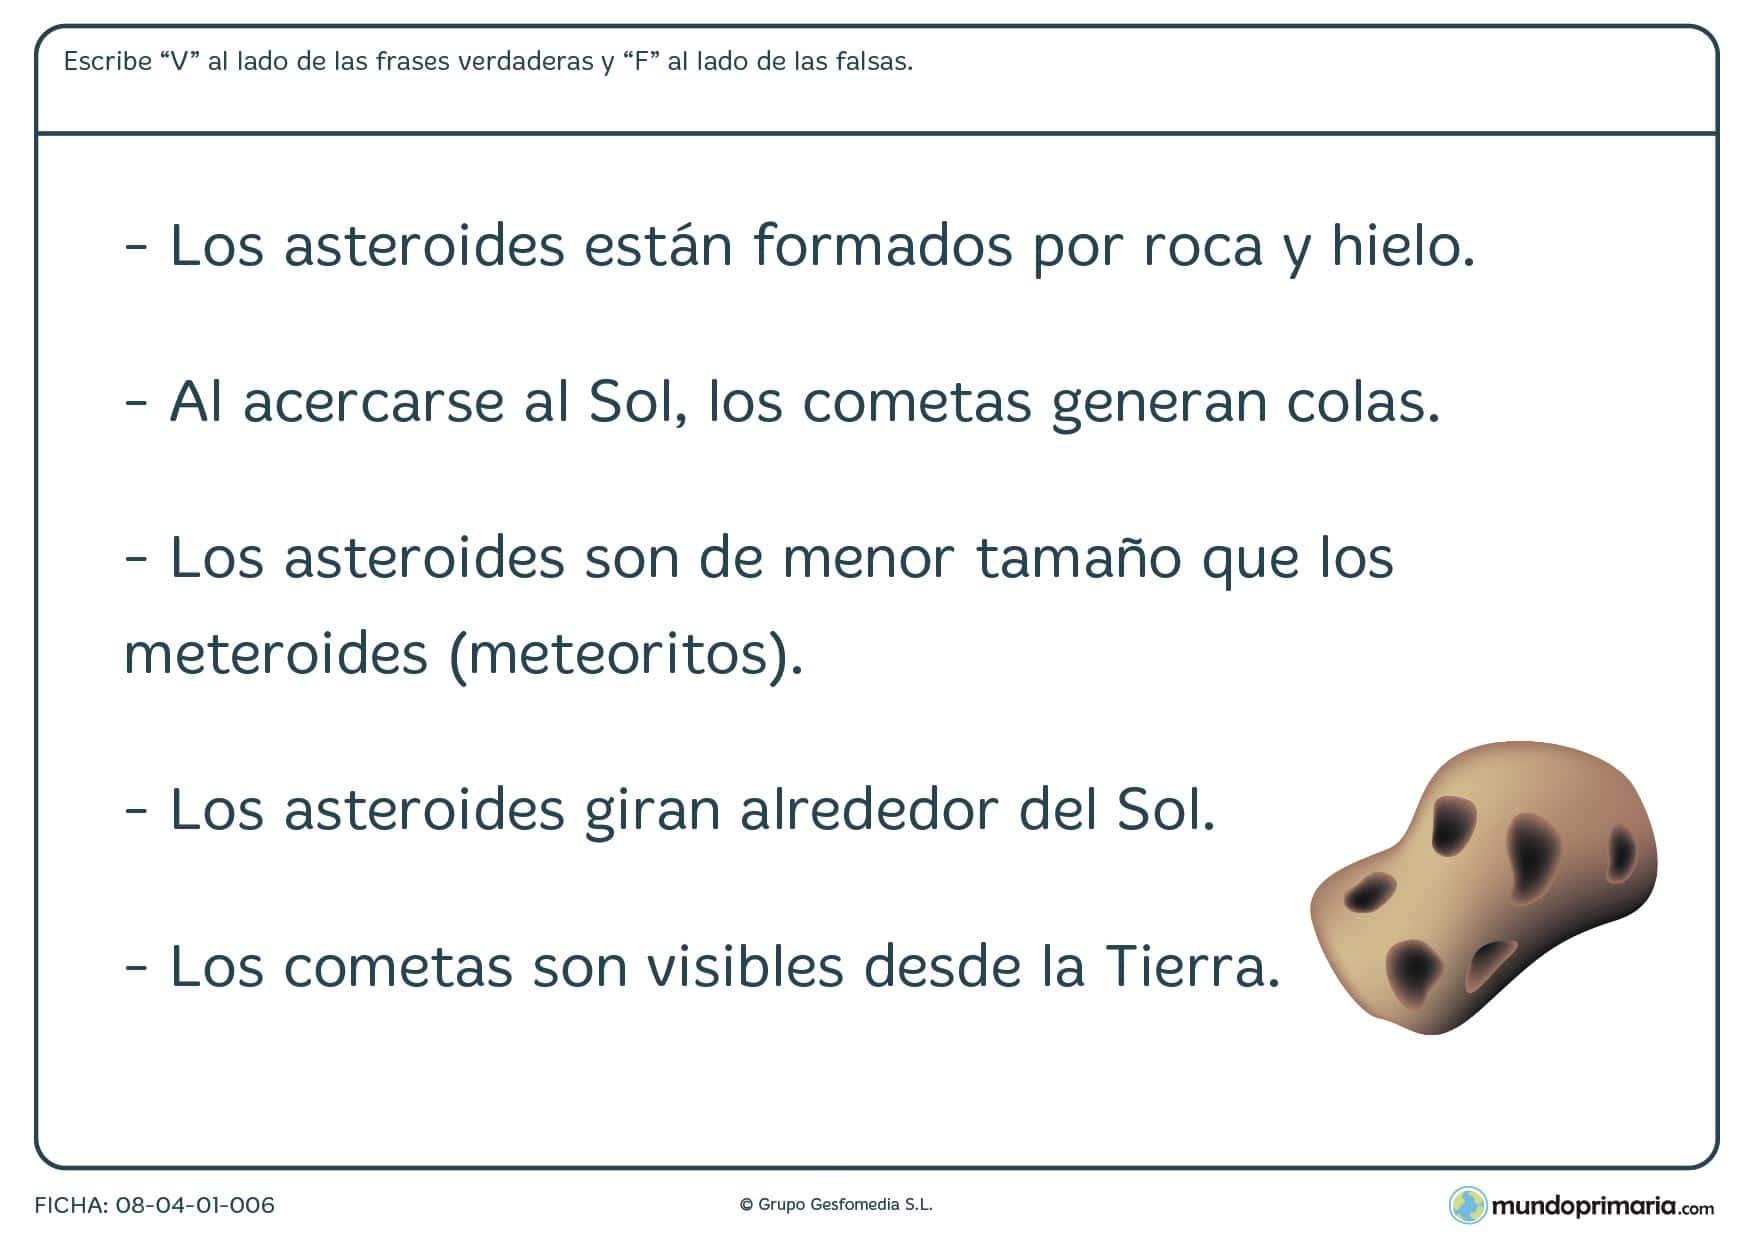 Ficha de estrellas espaciales para primaria